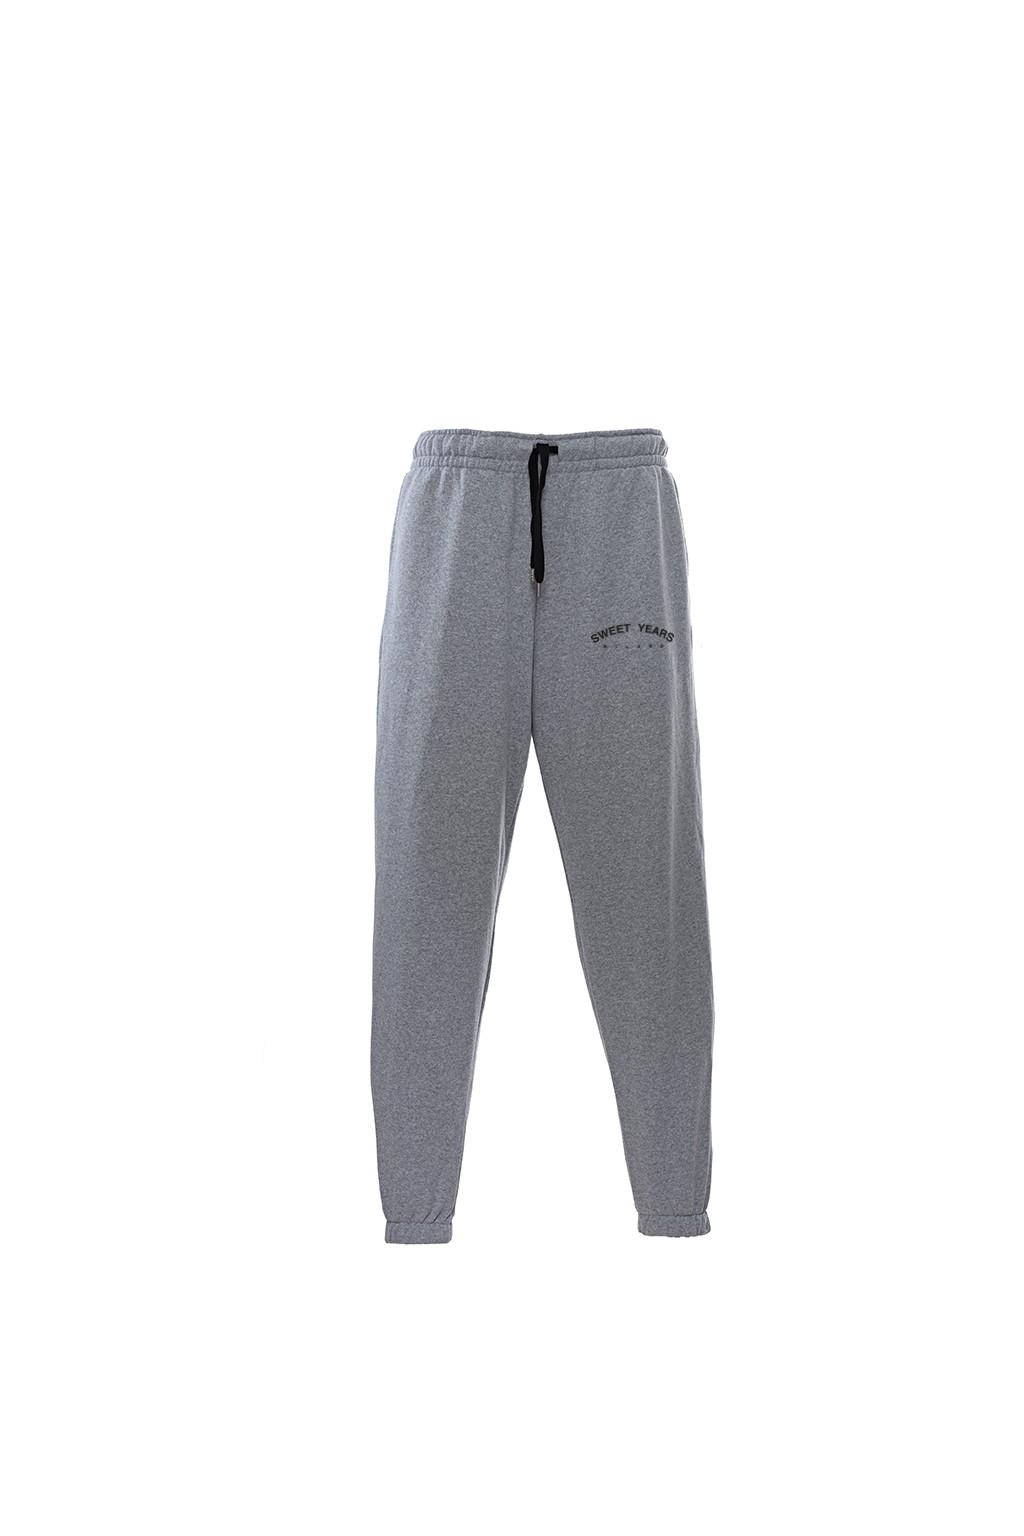 Pantaloni in felpa di cotone grigio melange con interno garzato Sweet Years Milano.